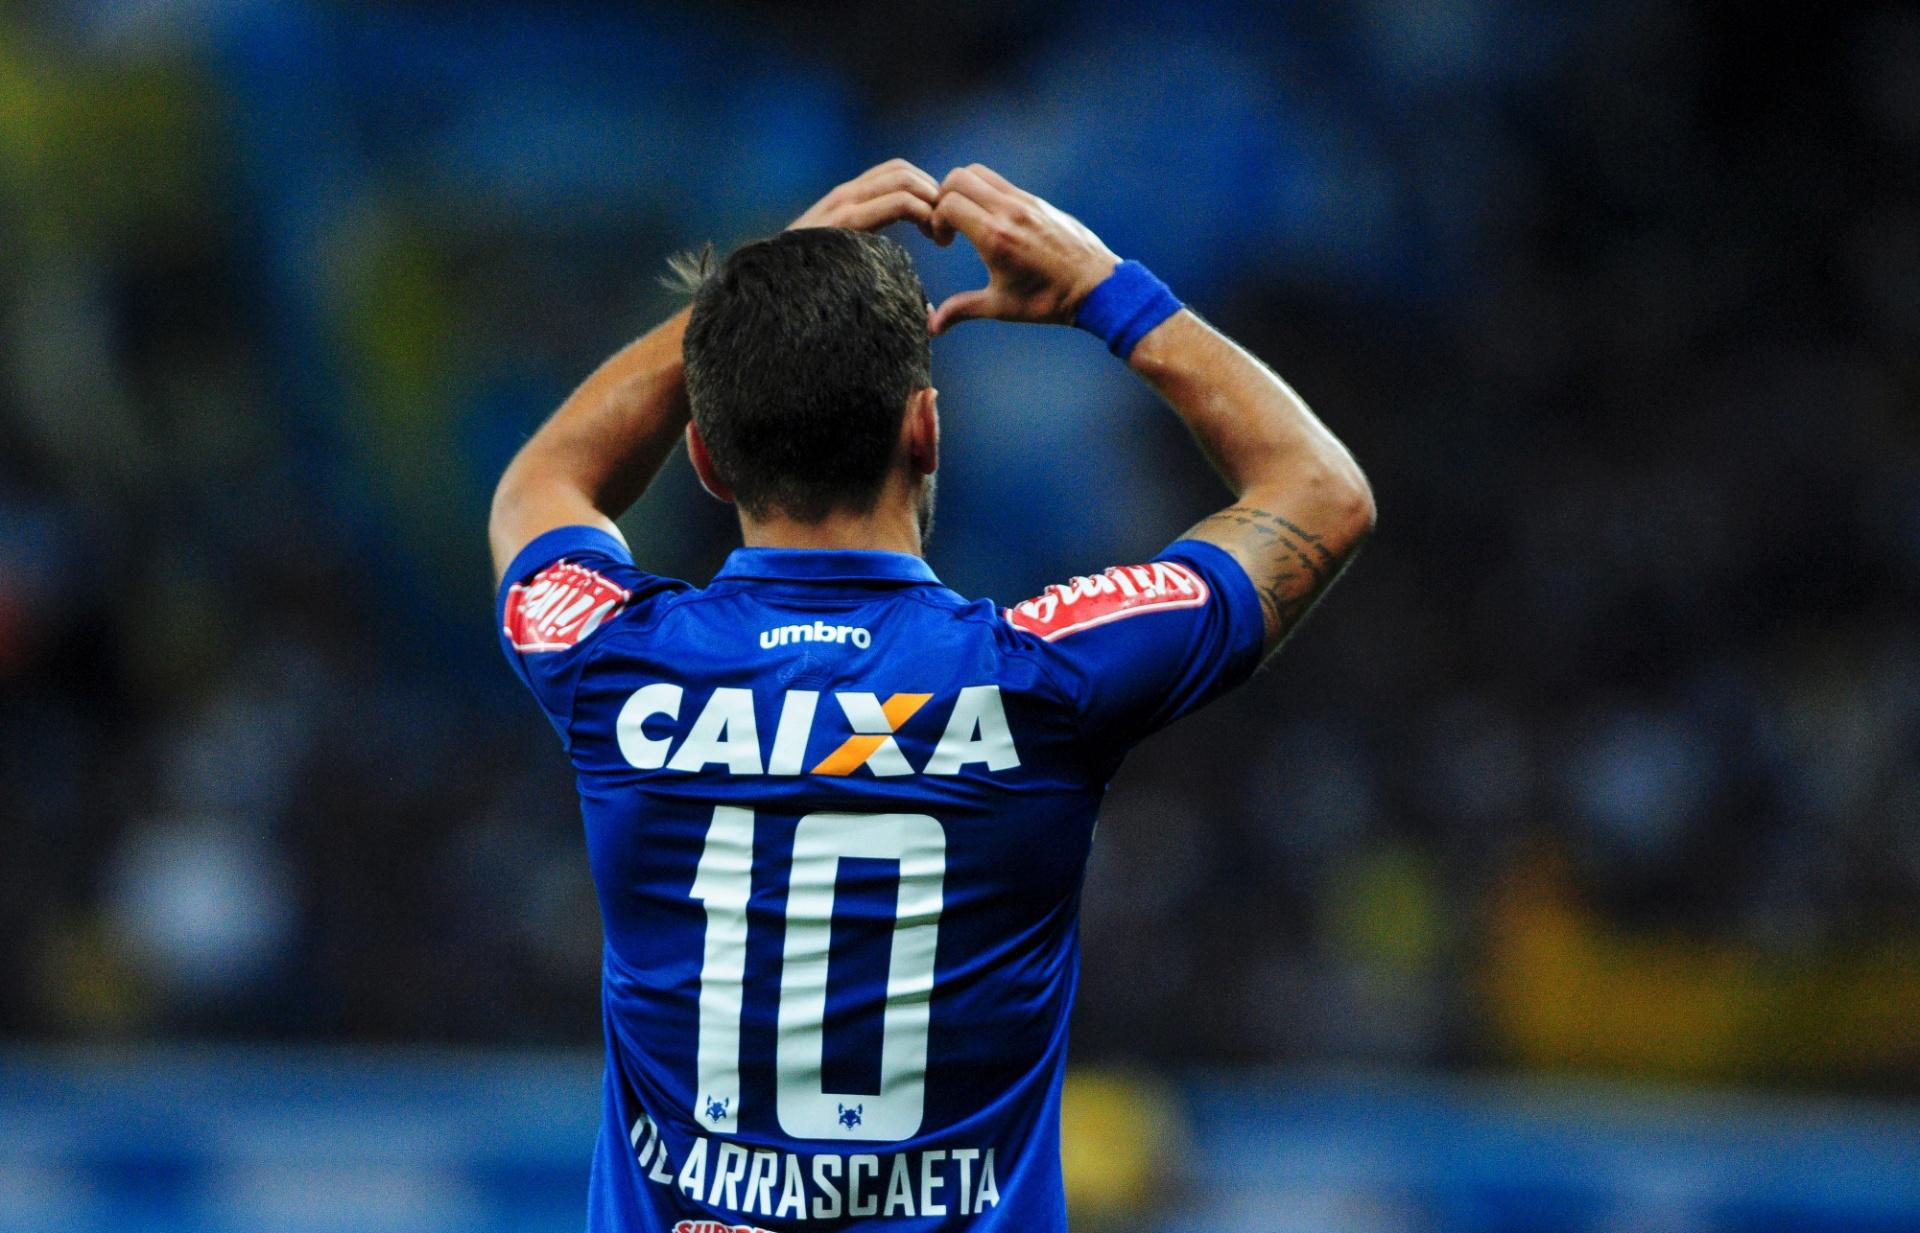 Cruzeiro vence América-MG e volta à final do Mineiro contra o Atlético-MG -  23 04 2017 - UOL Esporte cfef98bb76919